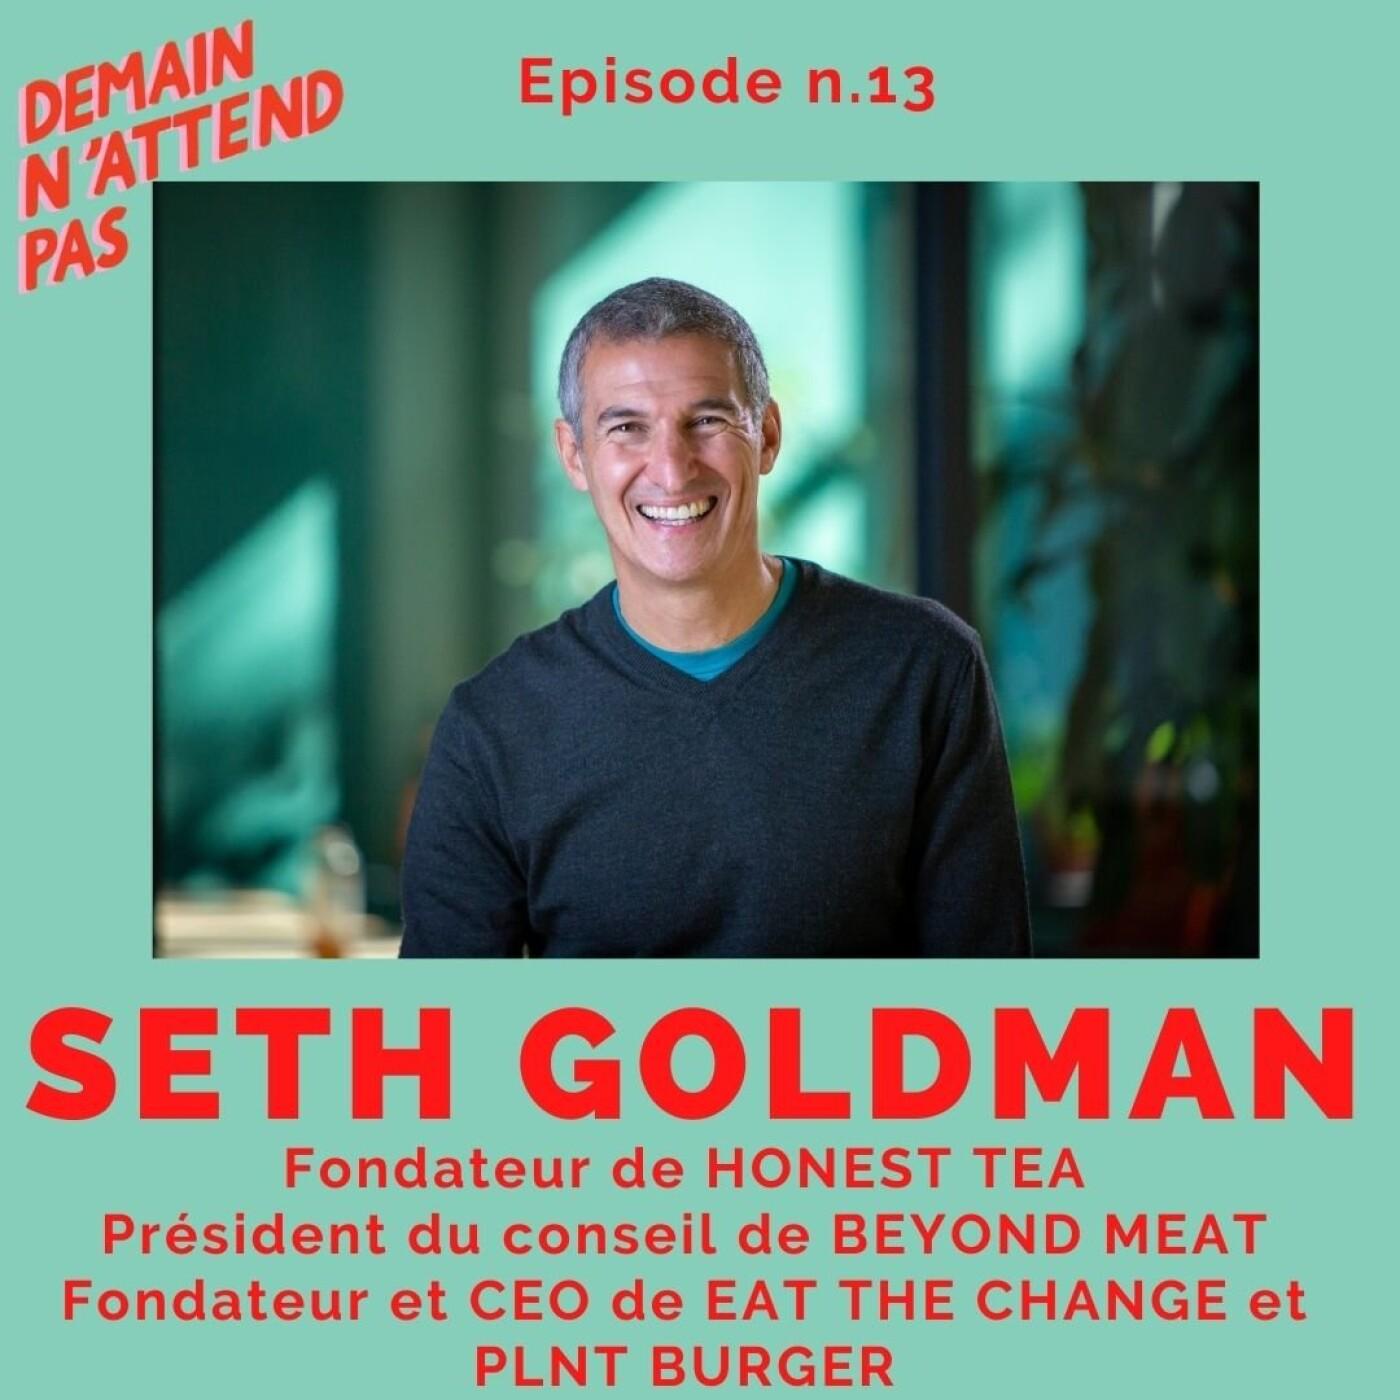 13 - Seth Goldman, fondateur d'Honest Tea et président du conseil de Beyond Meat, transformer le monde en changeant ce qu'on mange